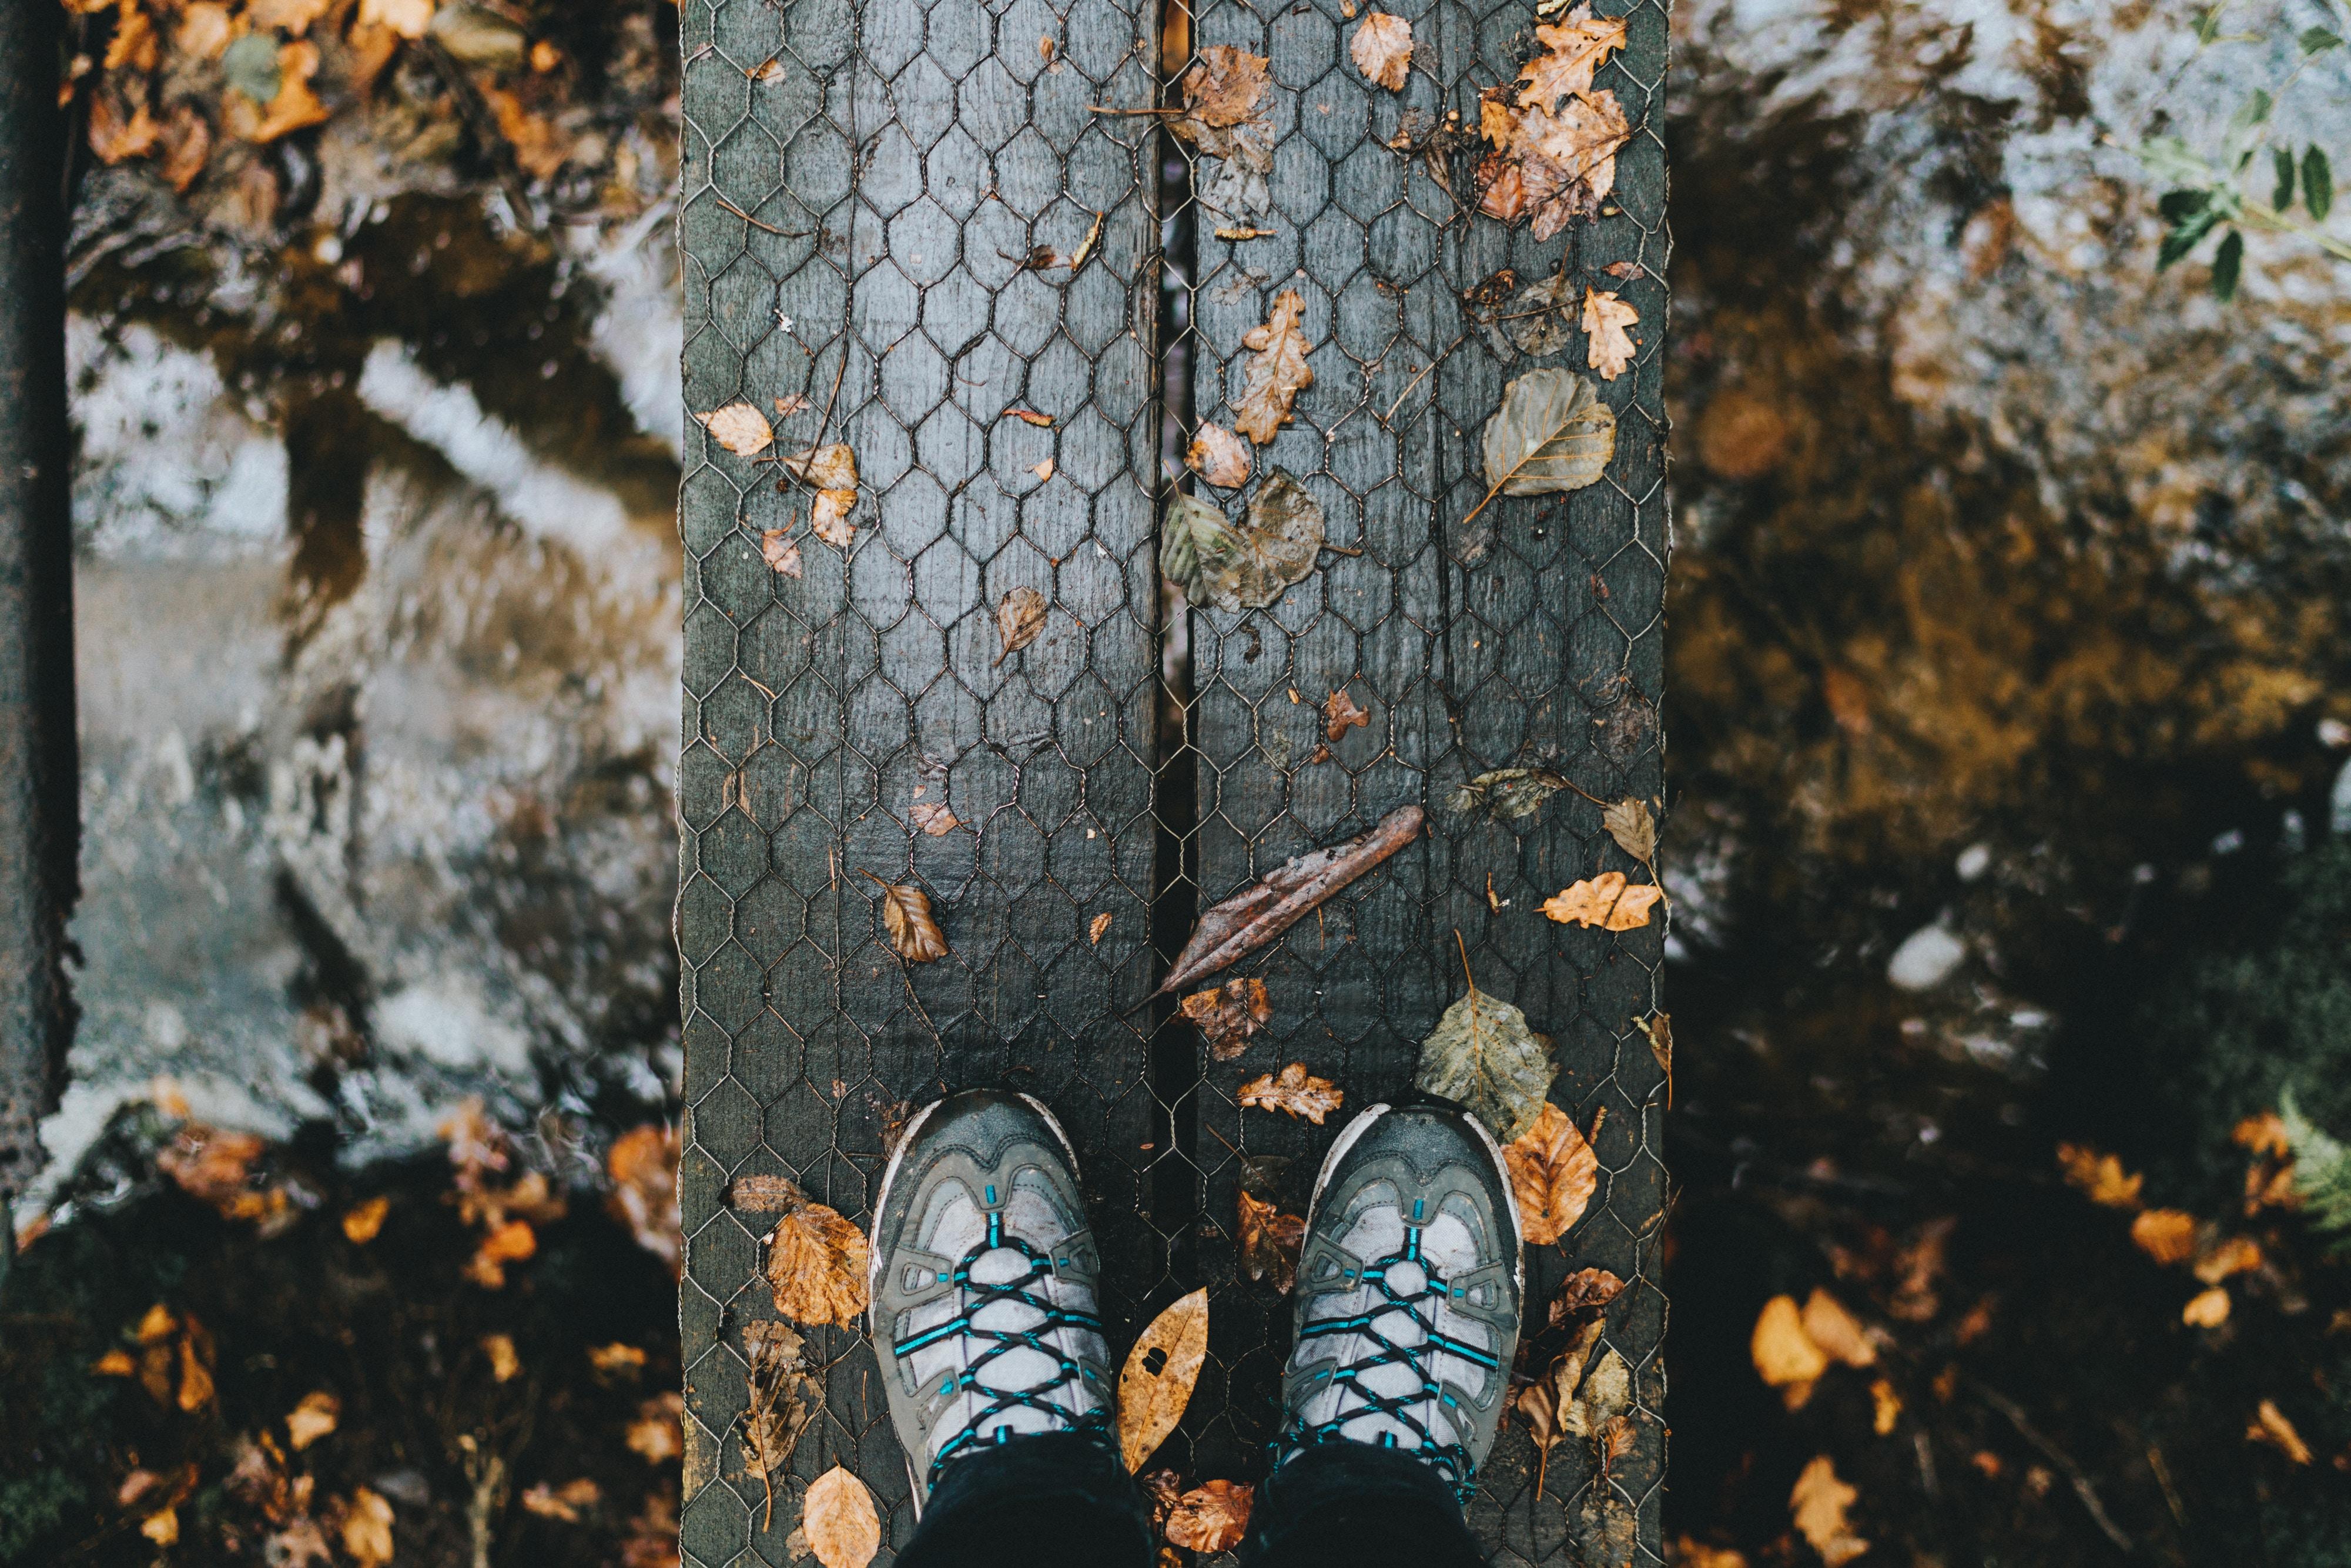 129793 скачать обои Природа, Ноги, Осень, Листва, Дождь - заставки и картинки бесплатно